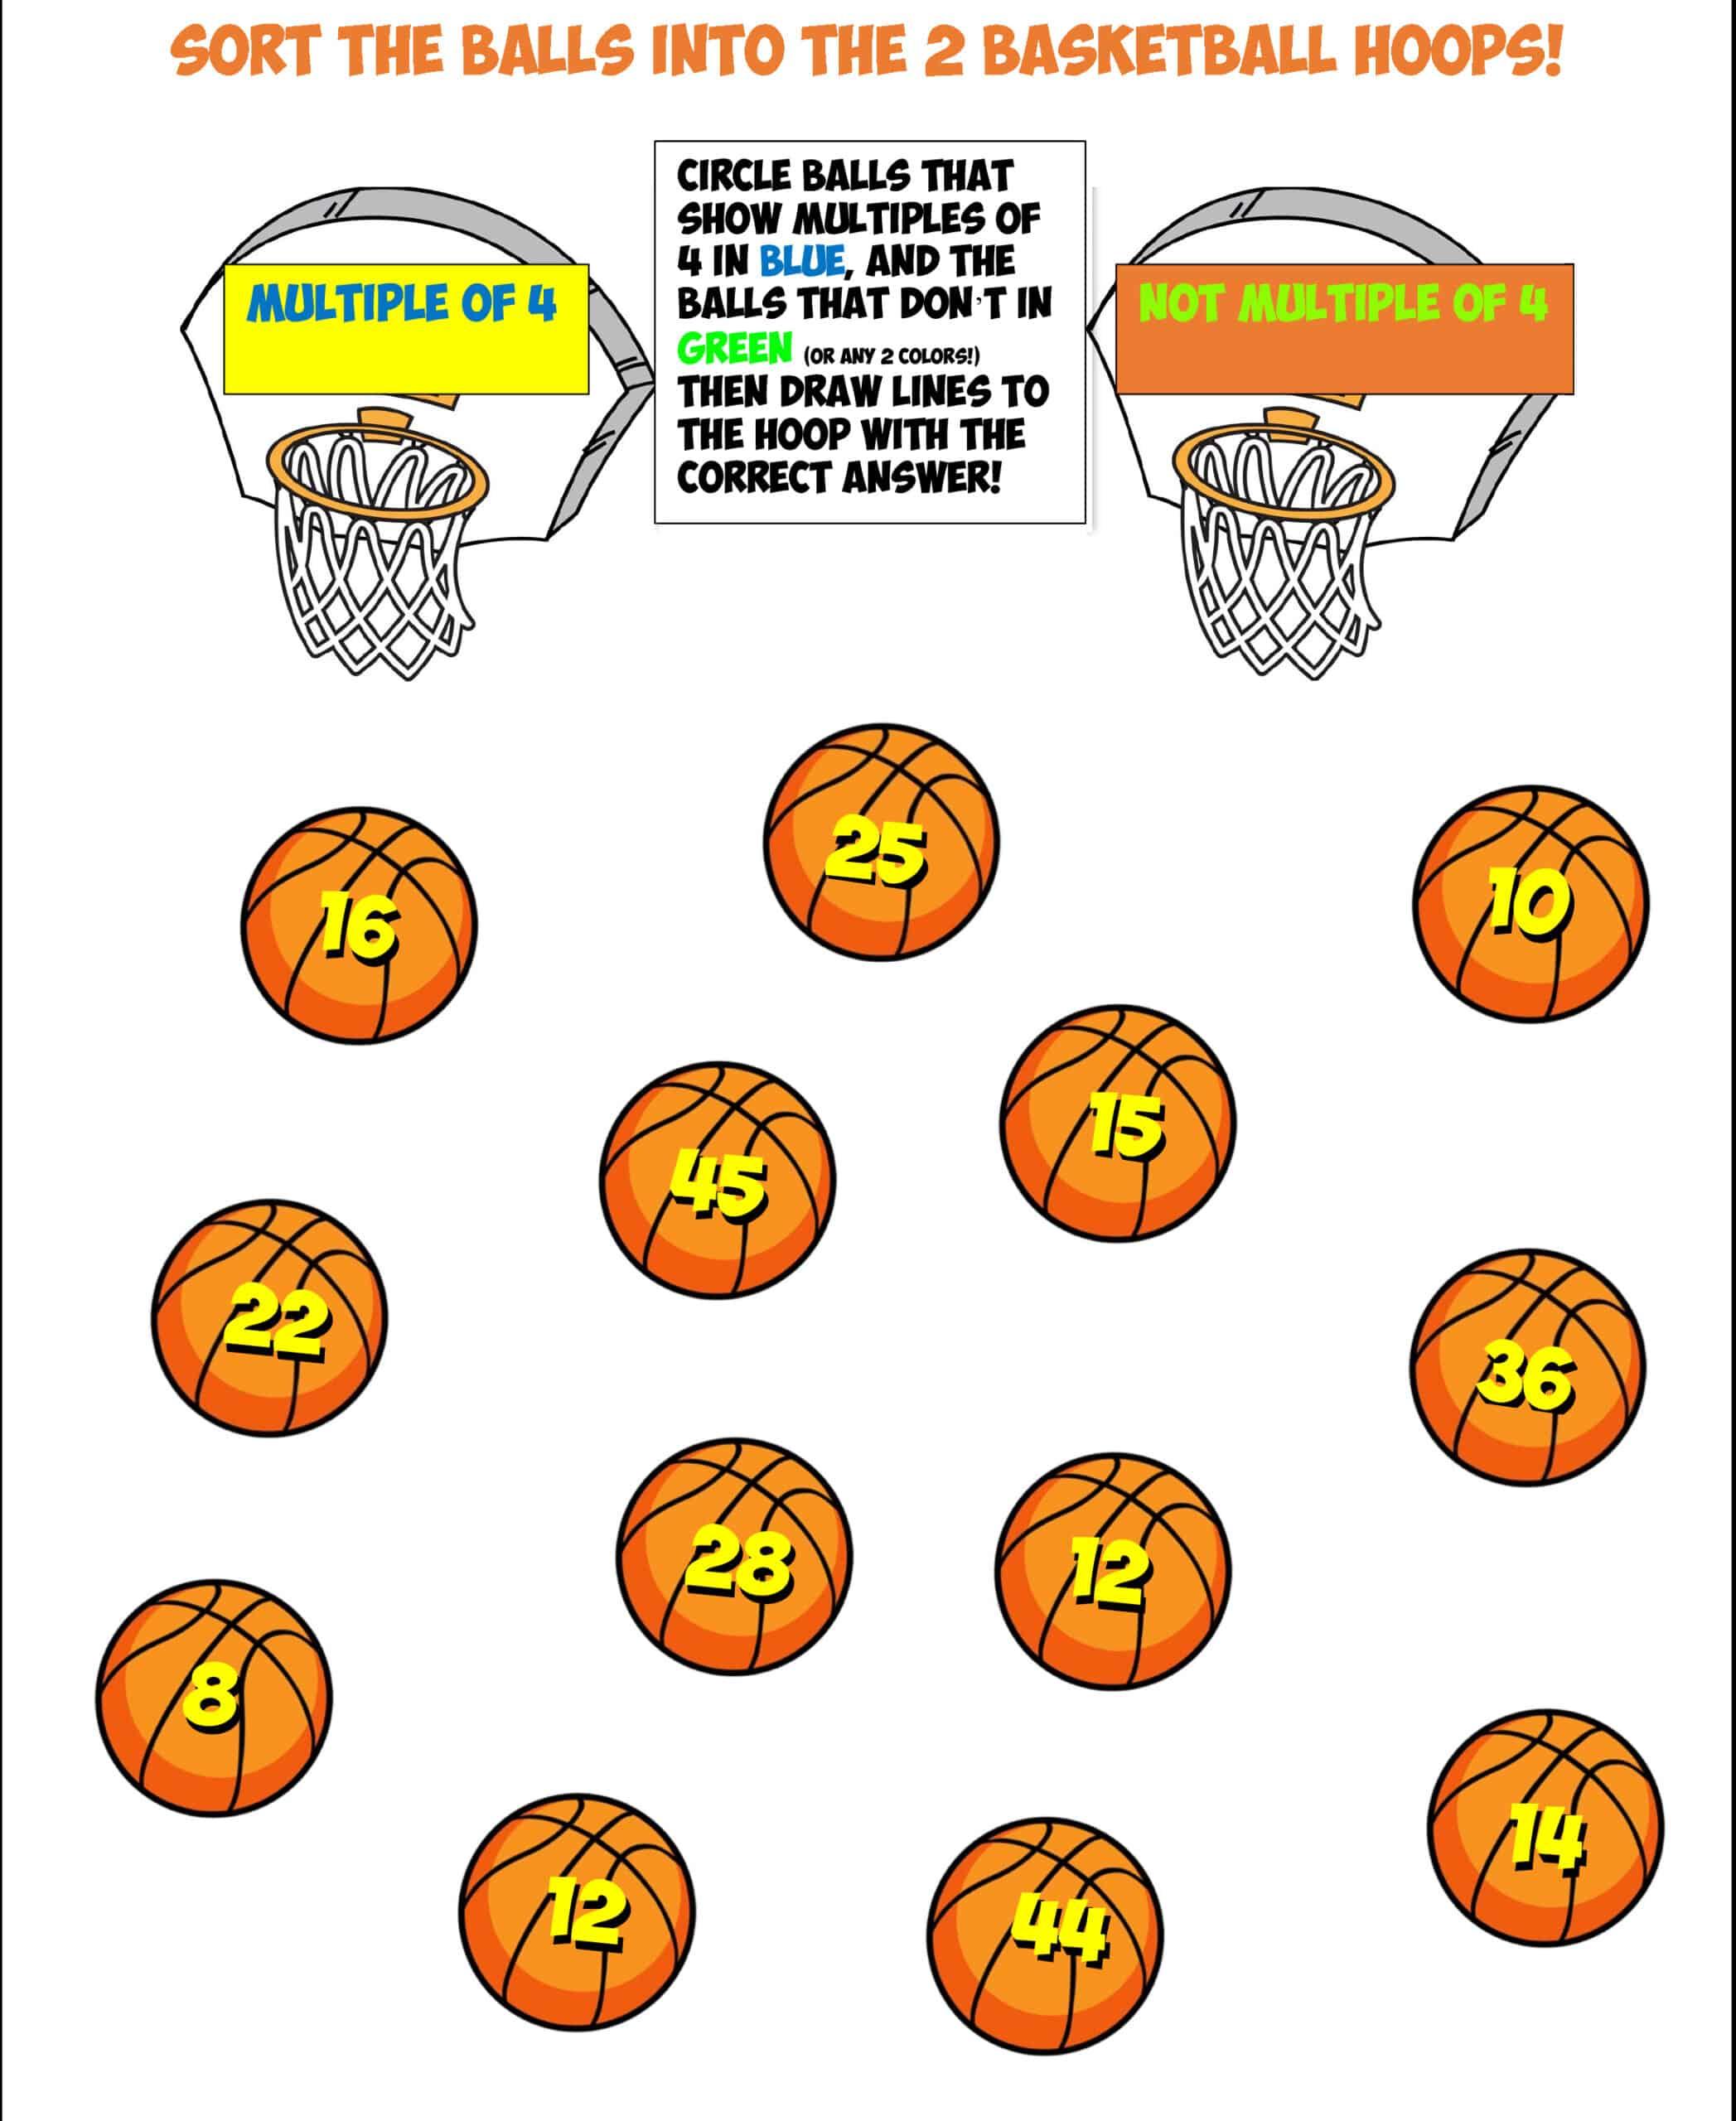 basketball sort worksheet #11 multiples of 4